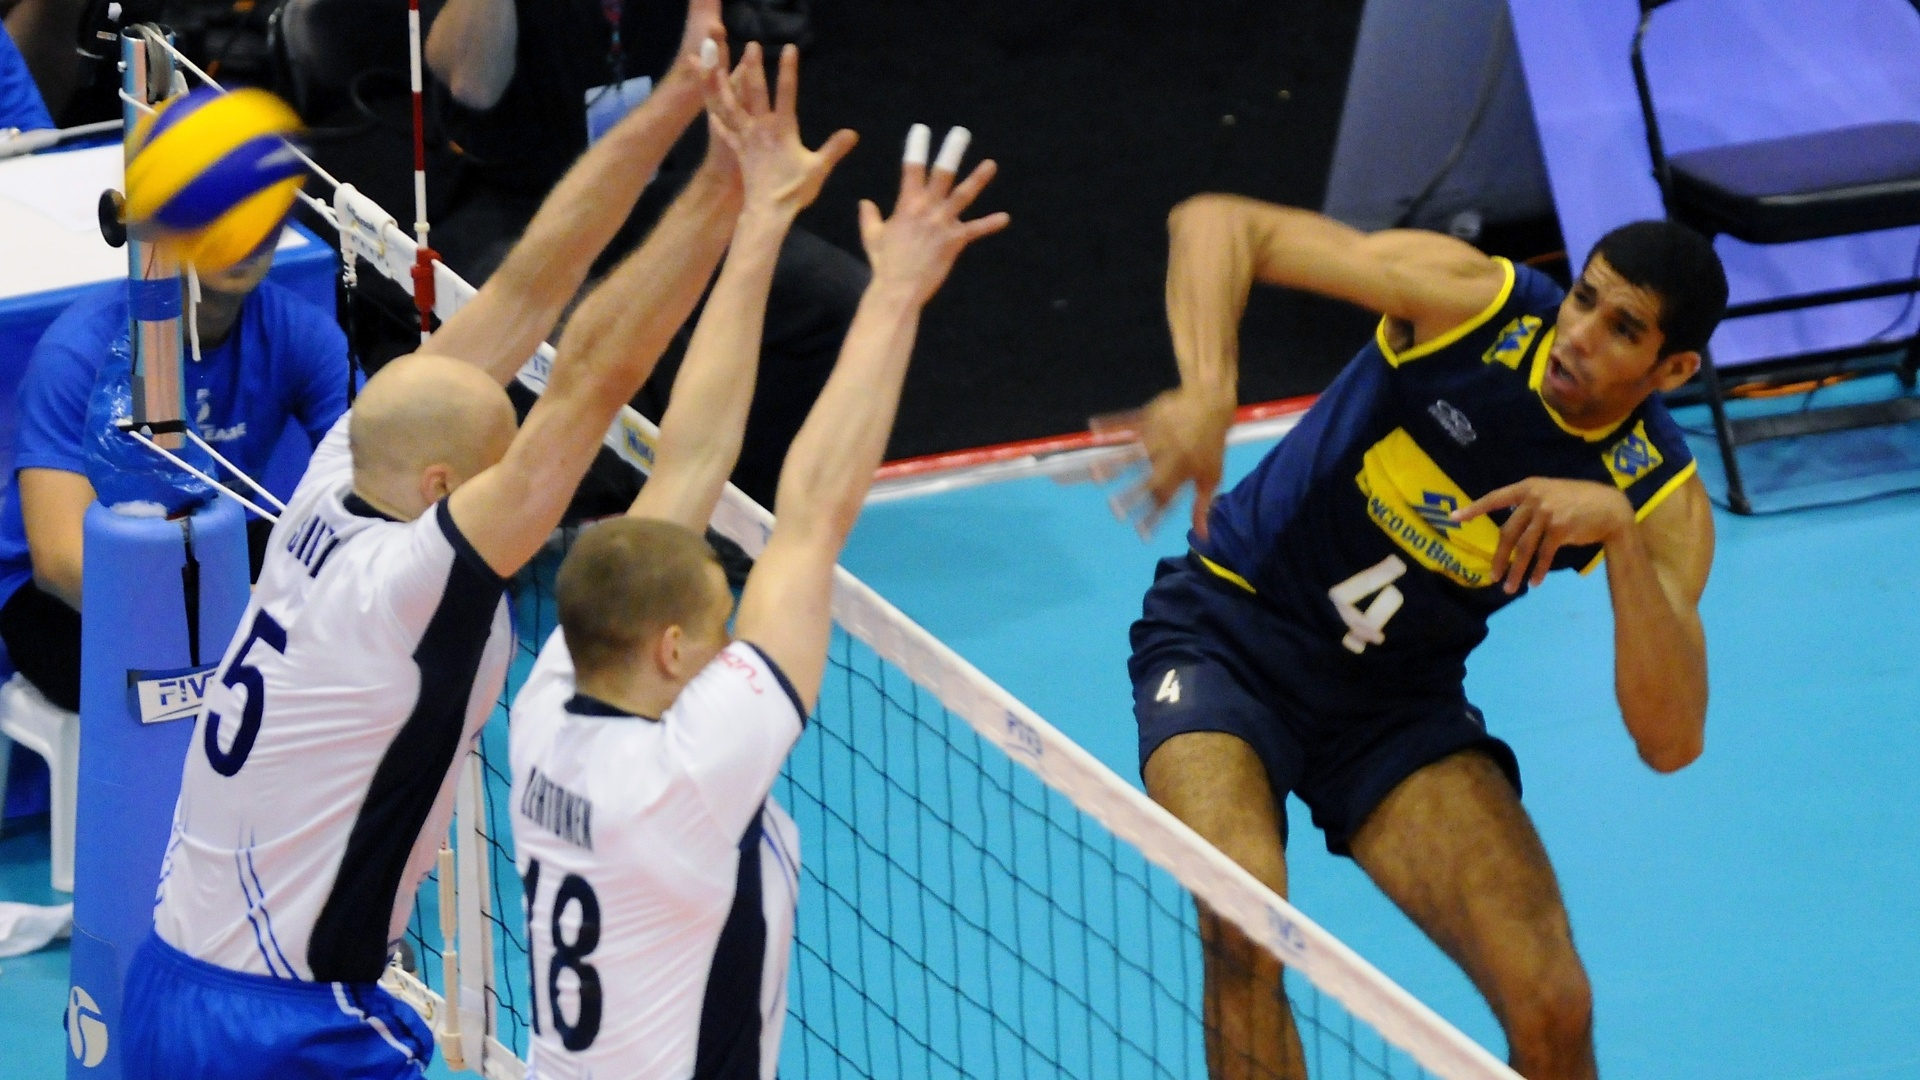 Wallace, maior pontuador do jogo, tenta superar bloqueio finlandês